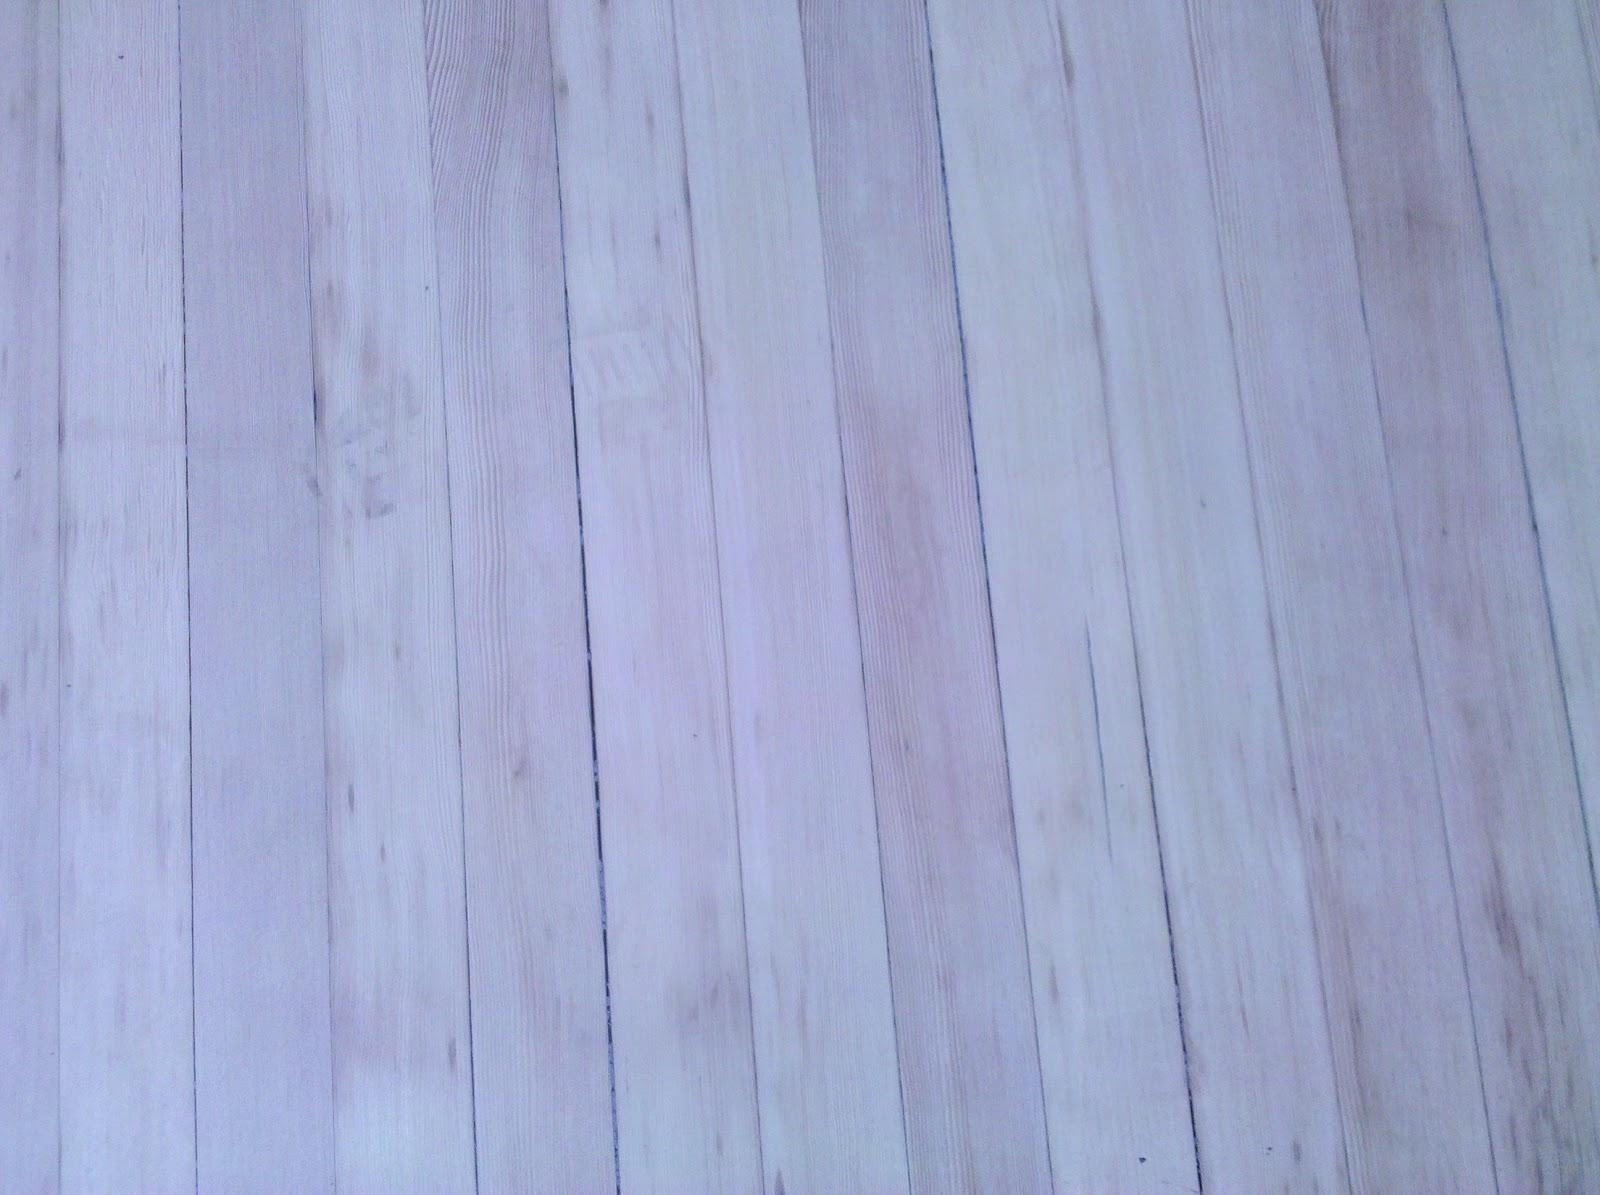 New jersey 1806 journal october 21st floorboards sanded and not floorboards sanded and not solutioingenieria Gallery